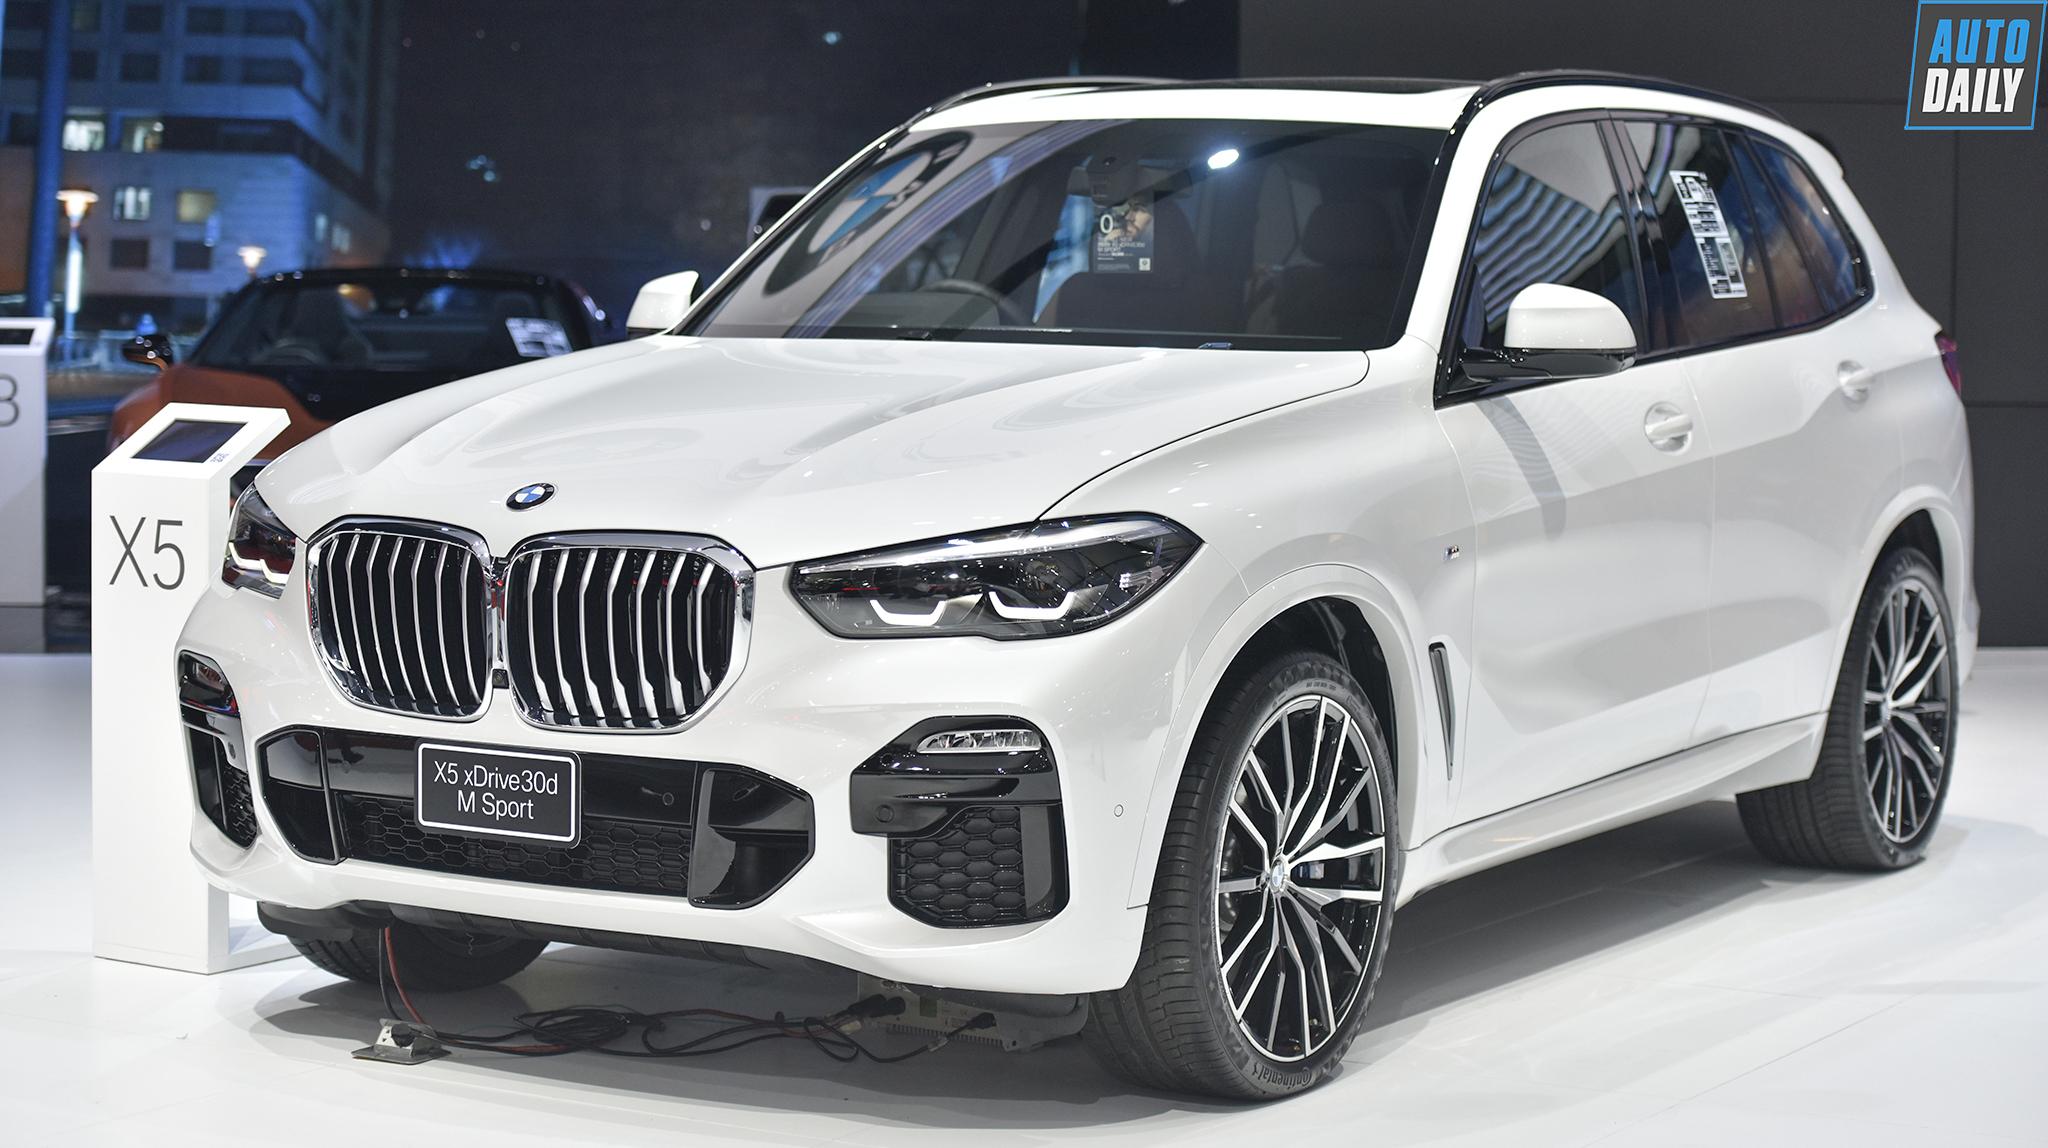 Chi tiết BMW X5 2019 giá 4,15 tỷ đồng tại Thái Lan, chờ ngày về VN